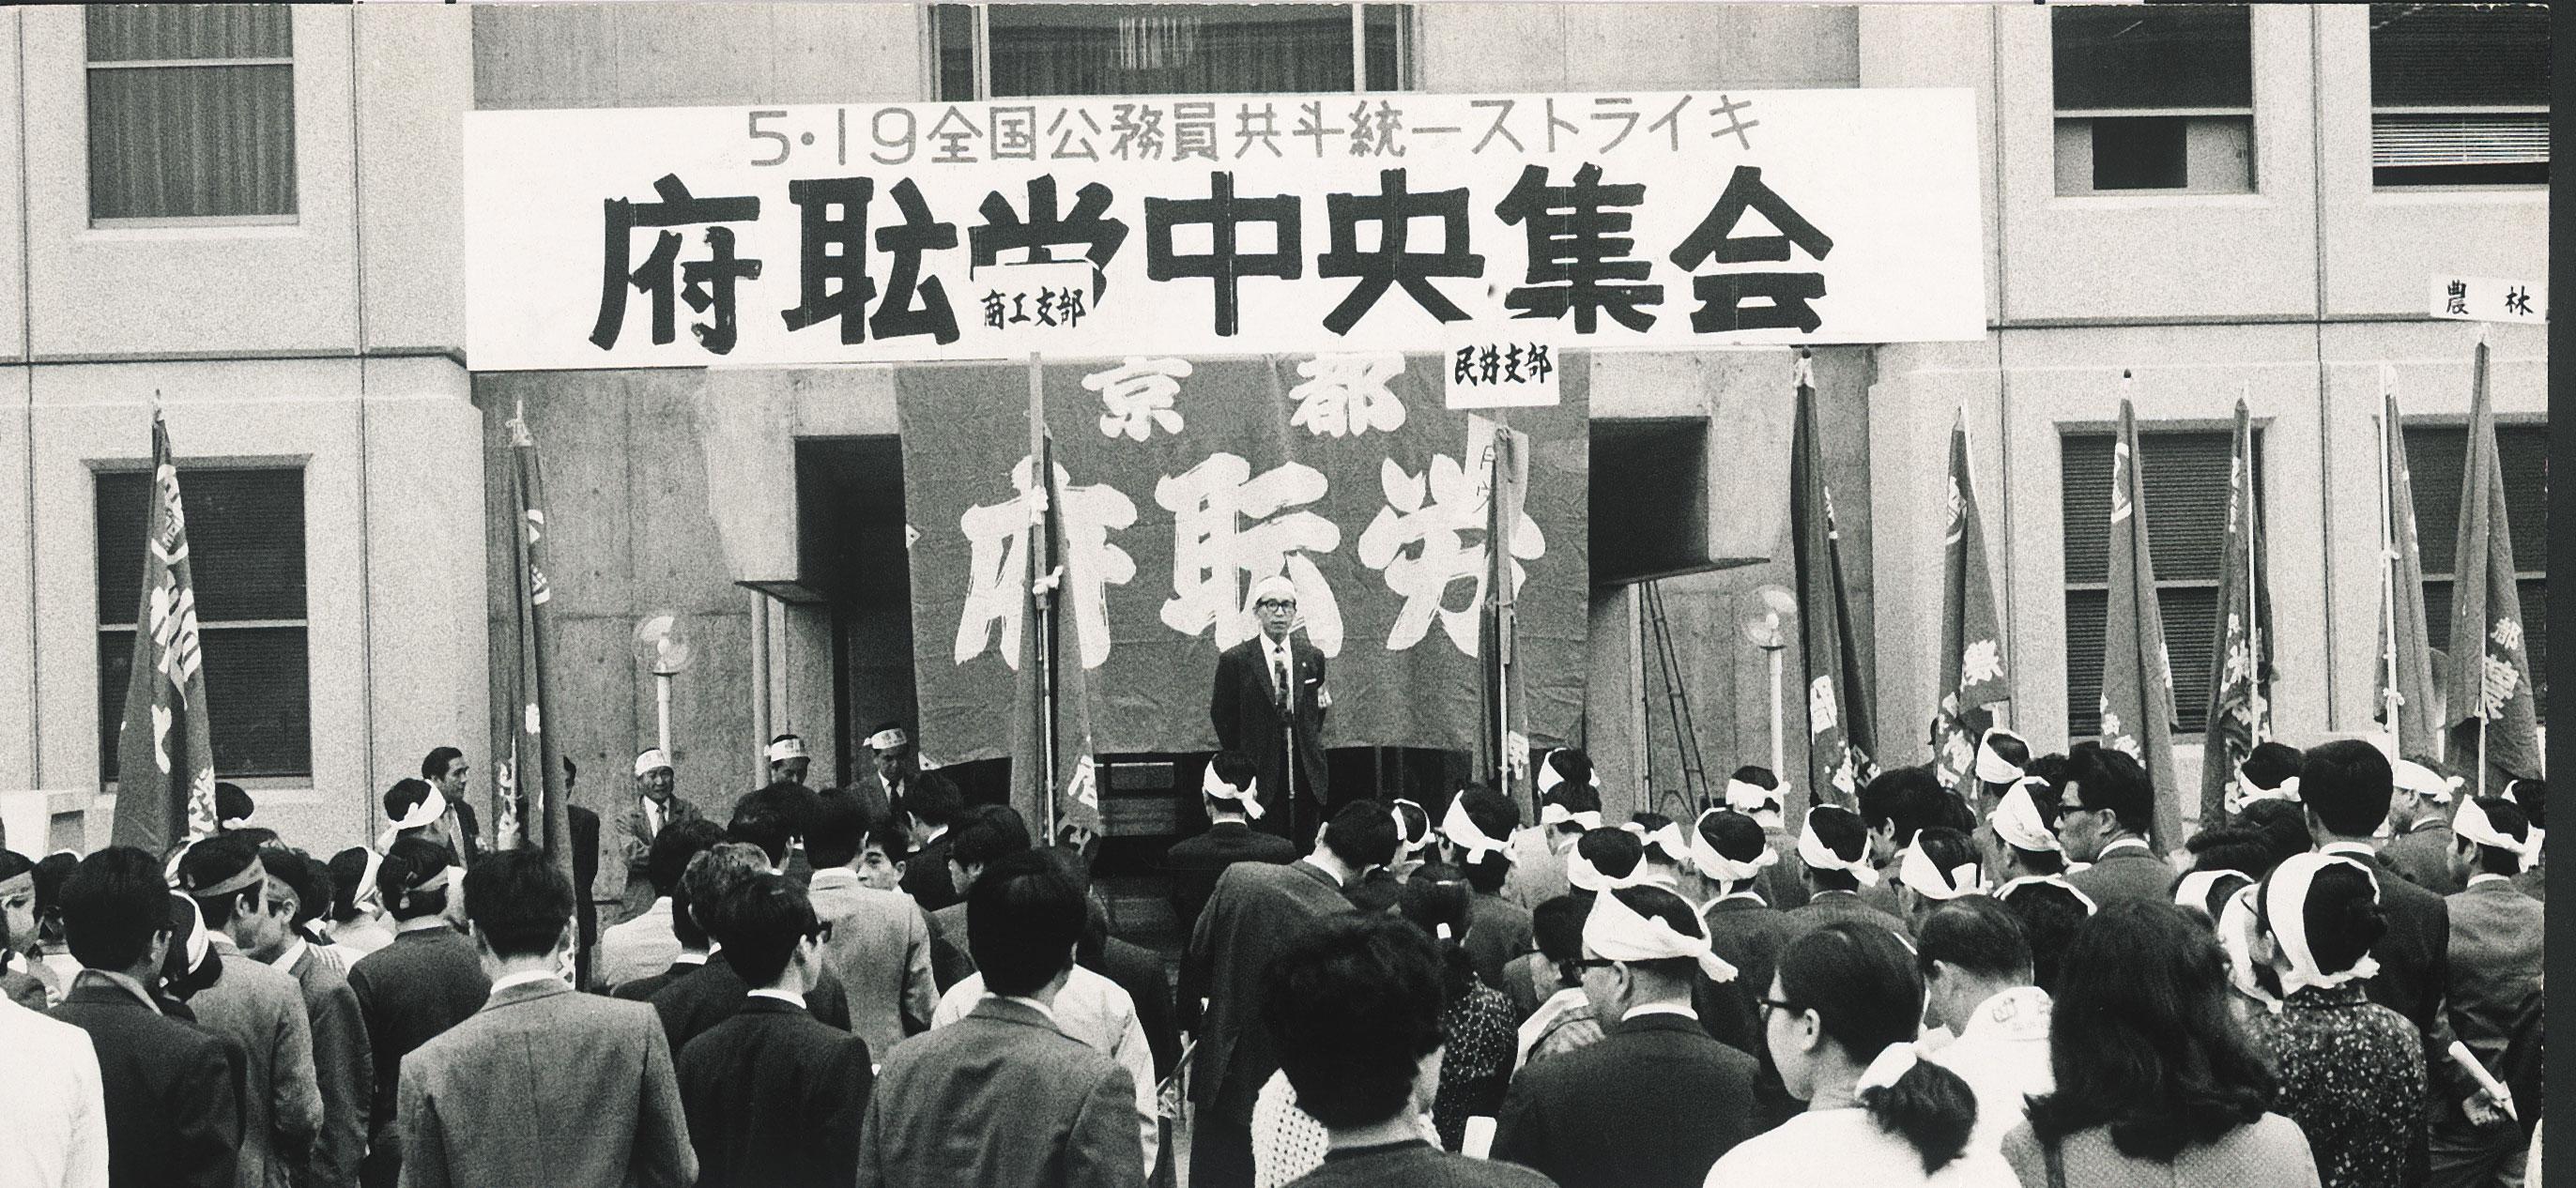 5.19全国公務員共闘統一ストライキ府職労中央集会